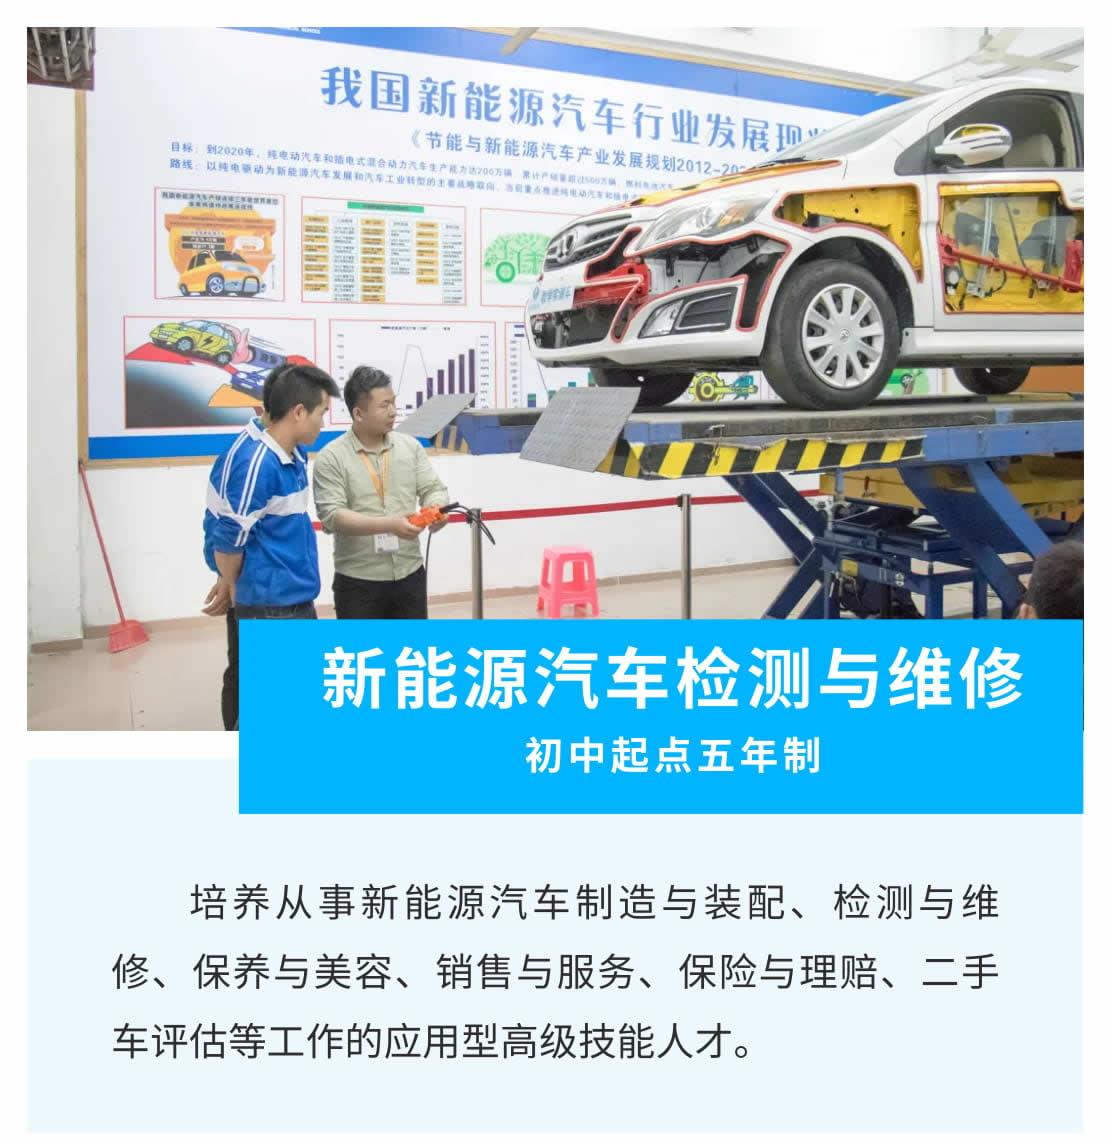 专业介绍 _ 新能源汽车检测与维修(初中起点五年制)-1_r1_c1.jpg